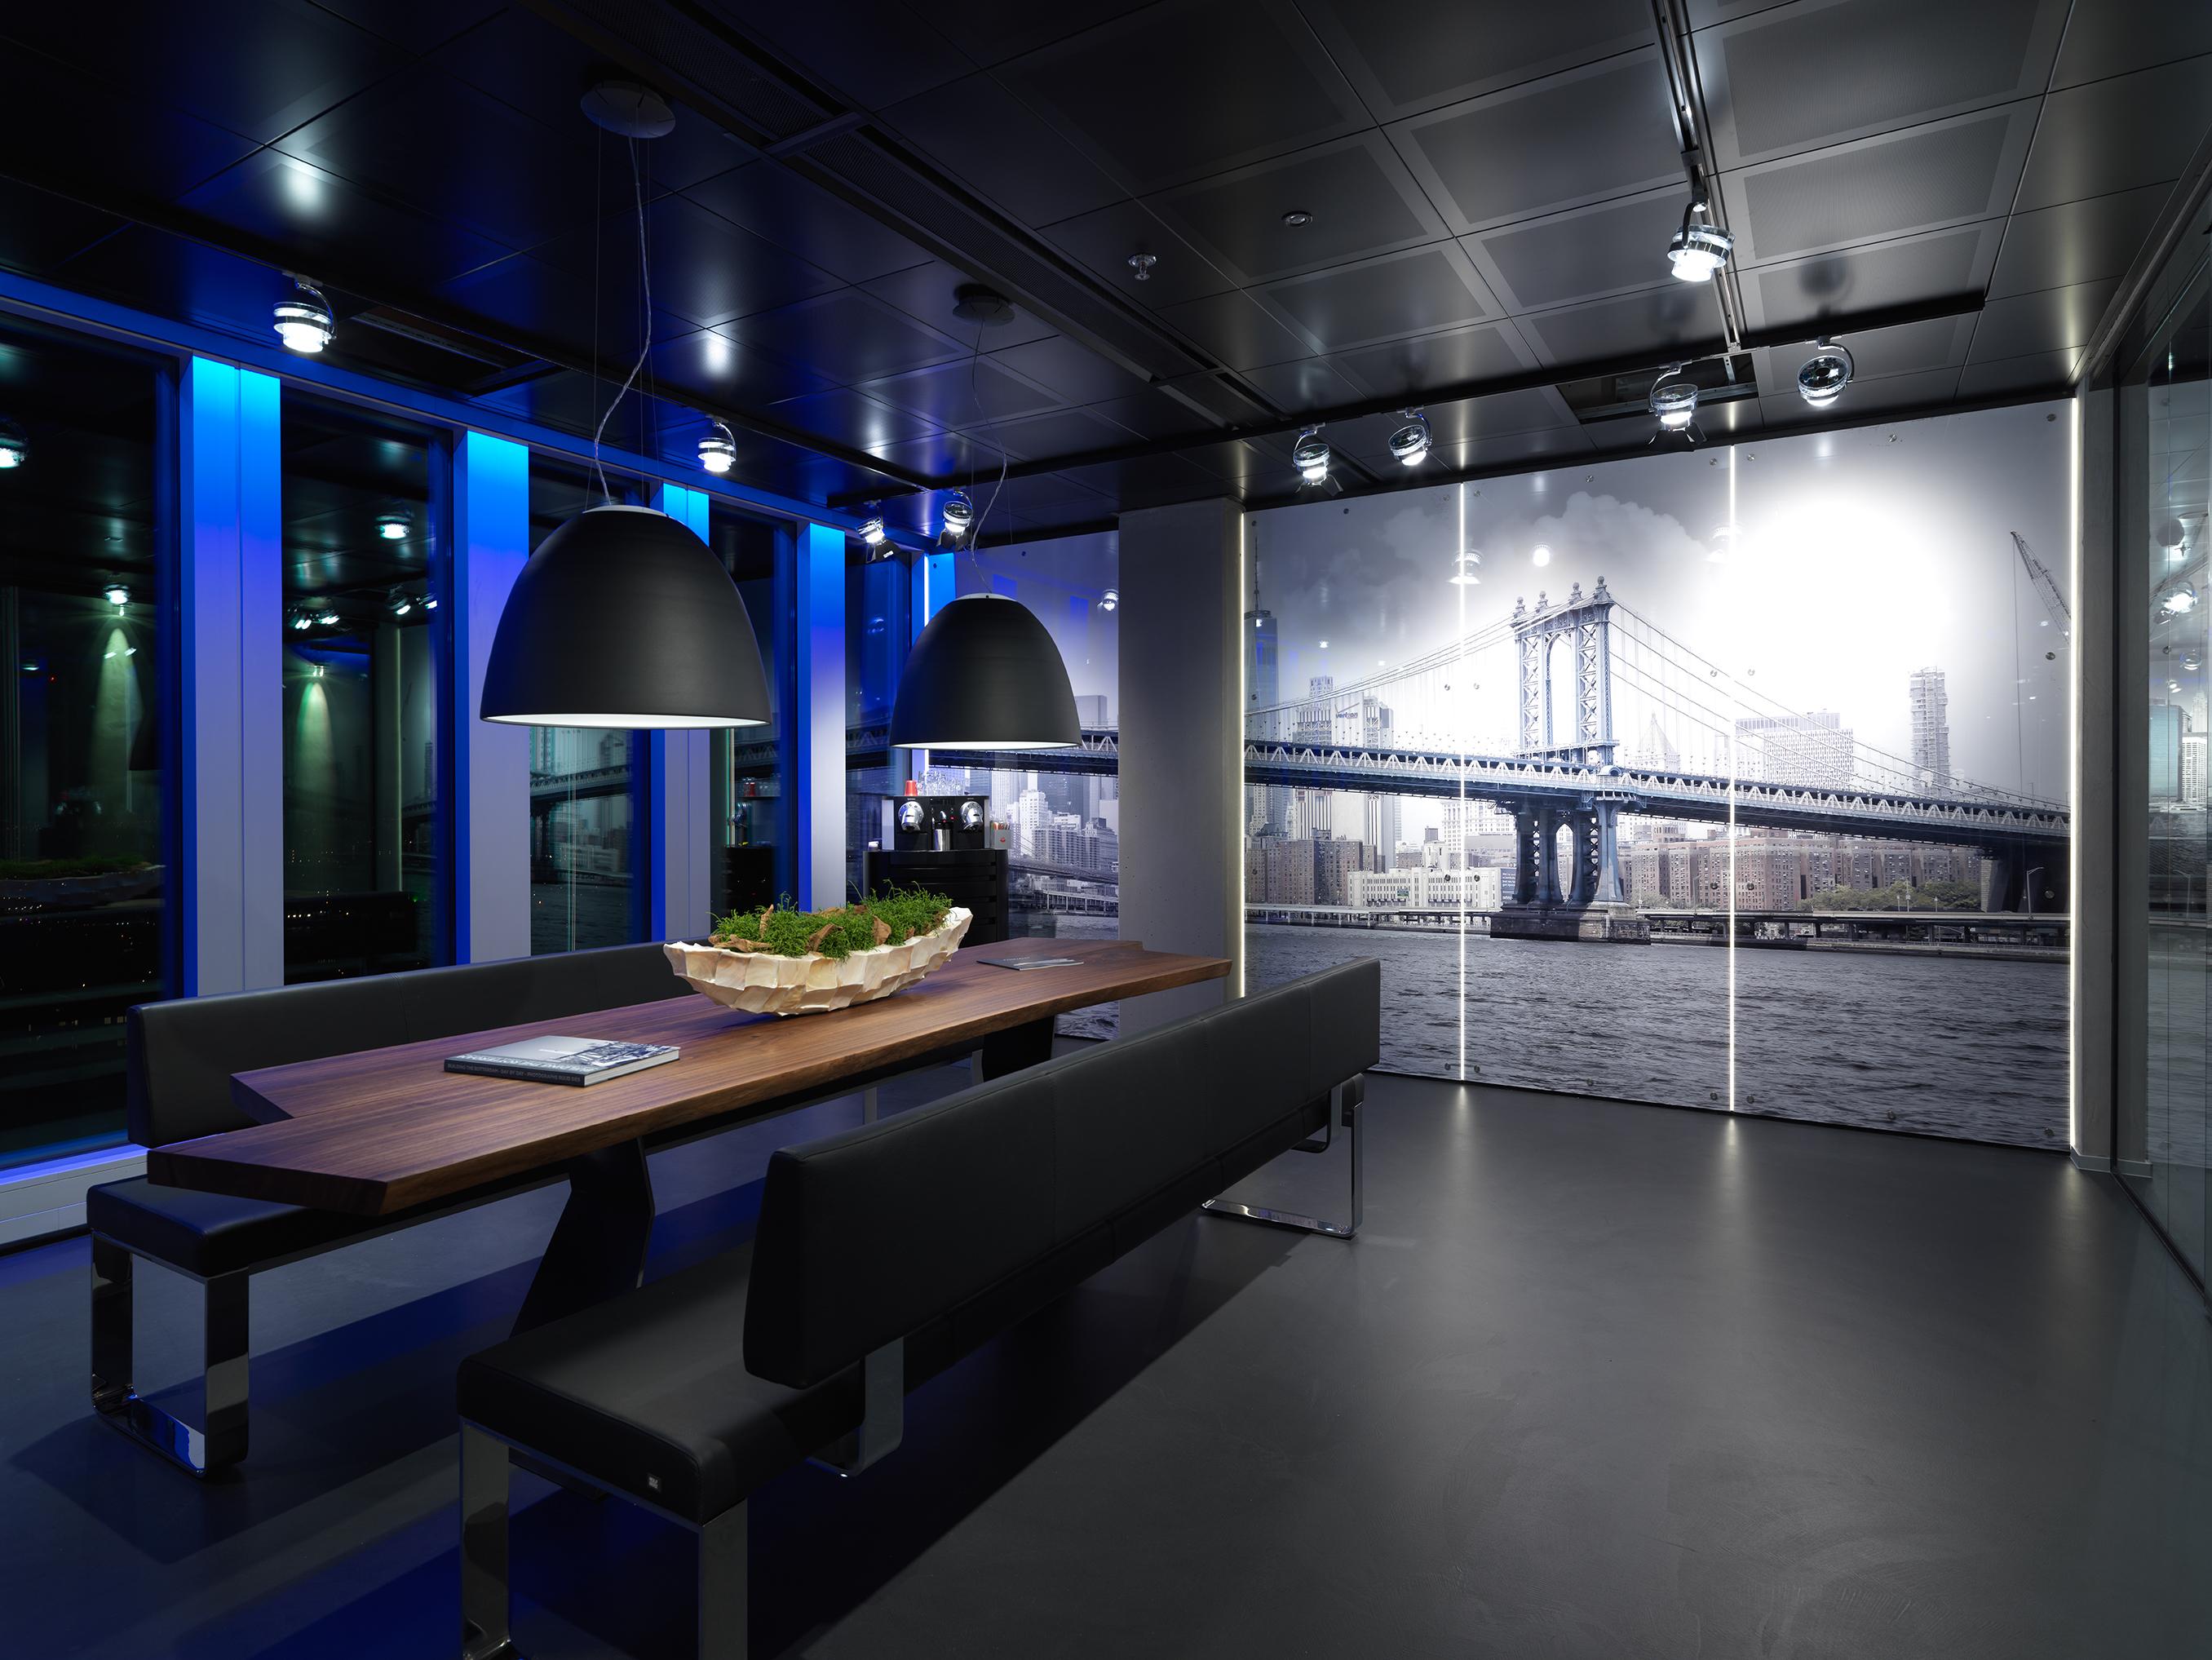 Managed werkplek met AV faciliteiten voor collega's in de AV/mediabranche